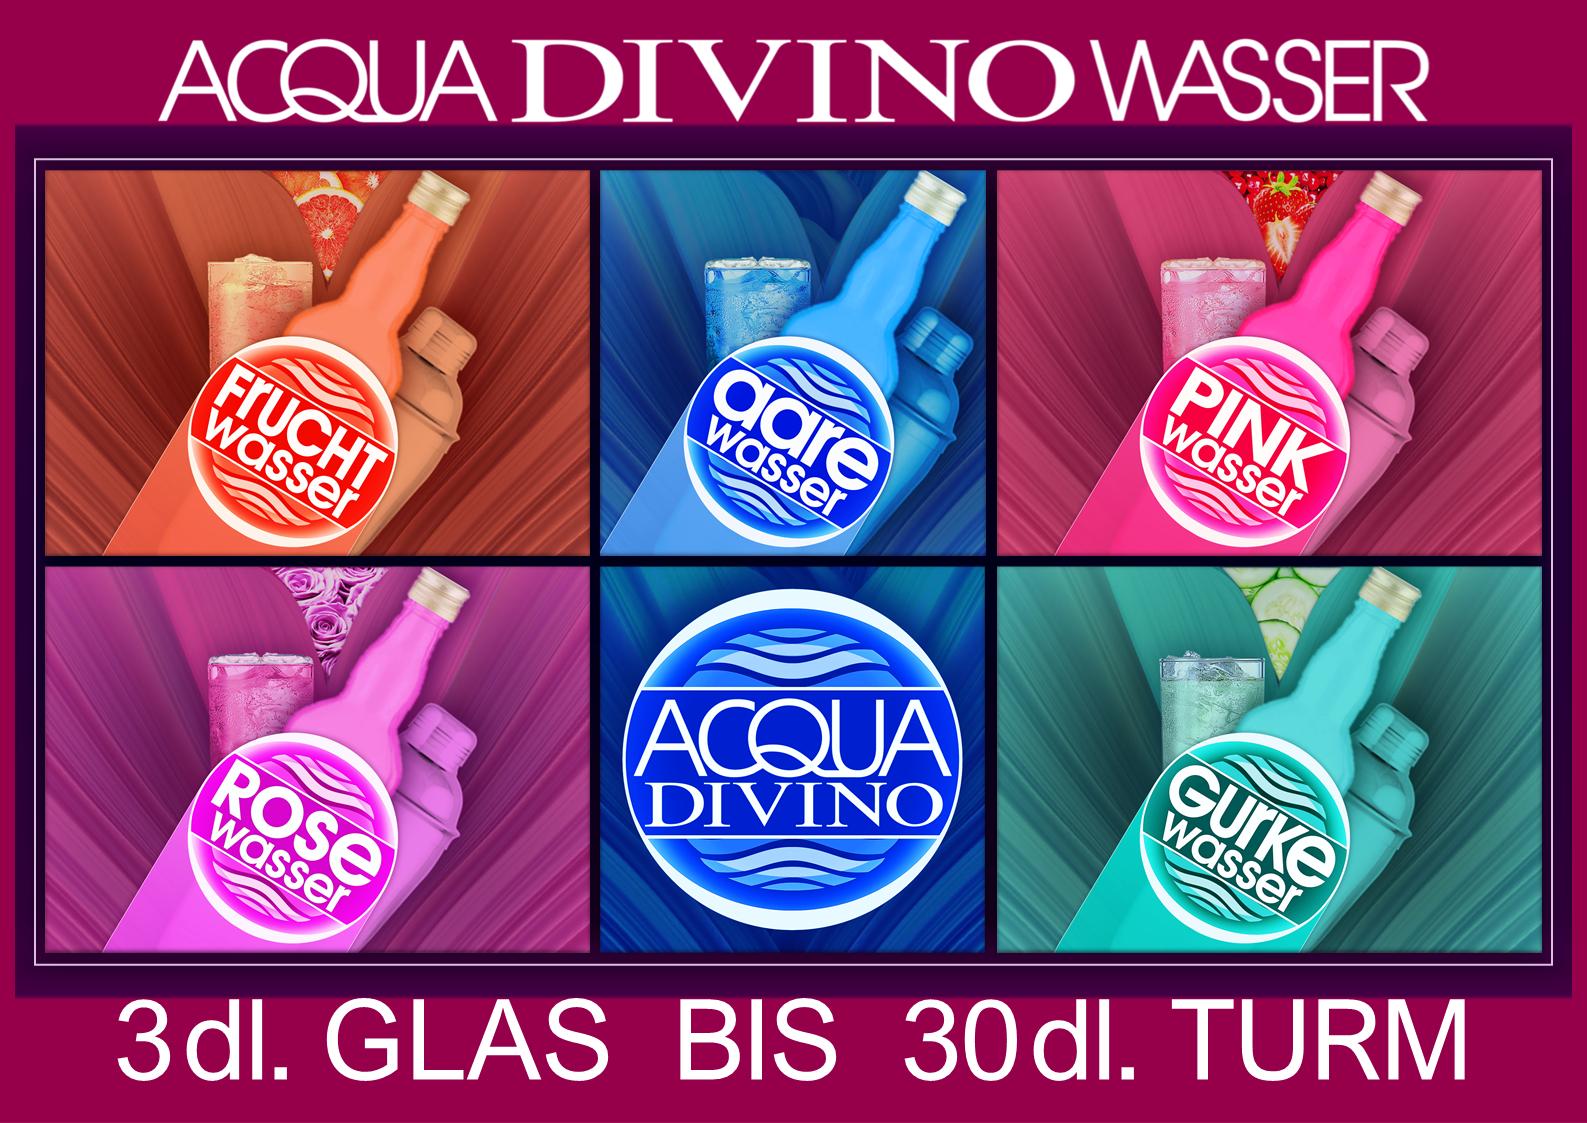 Divino Wasser macht alles wieder besser / im 3 dl Glas bis 3 Liter Turm.